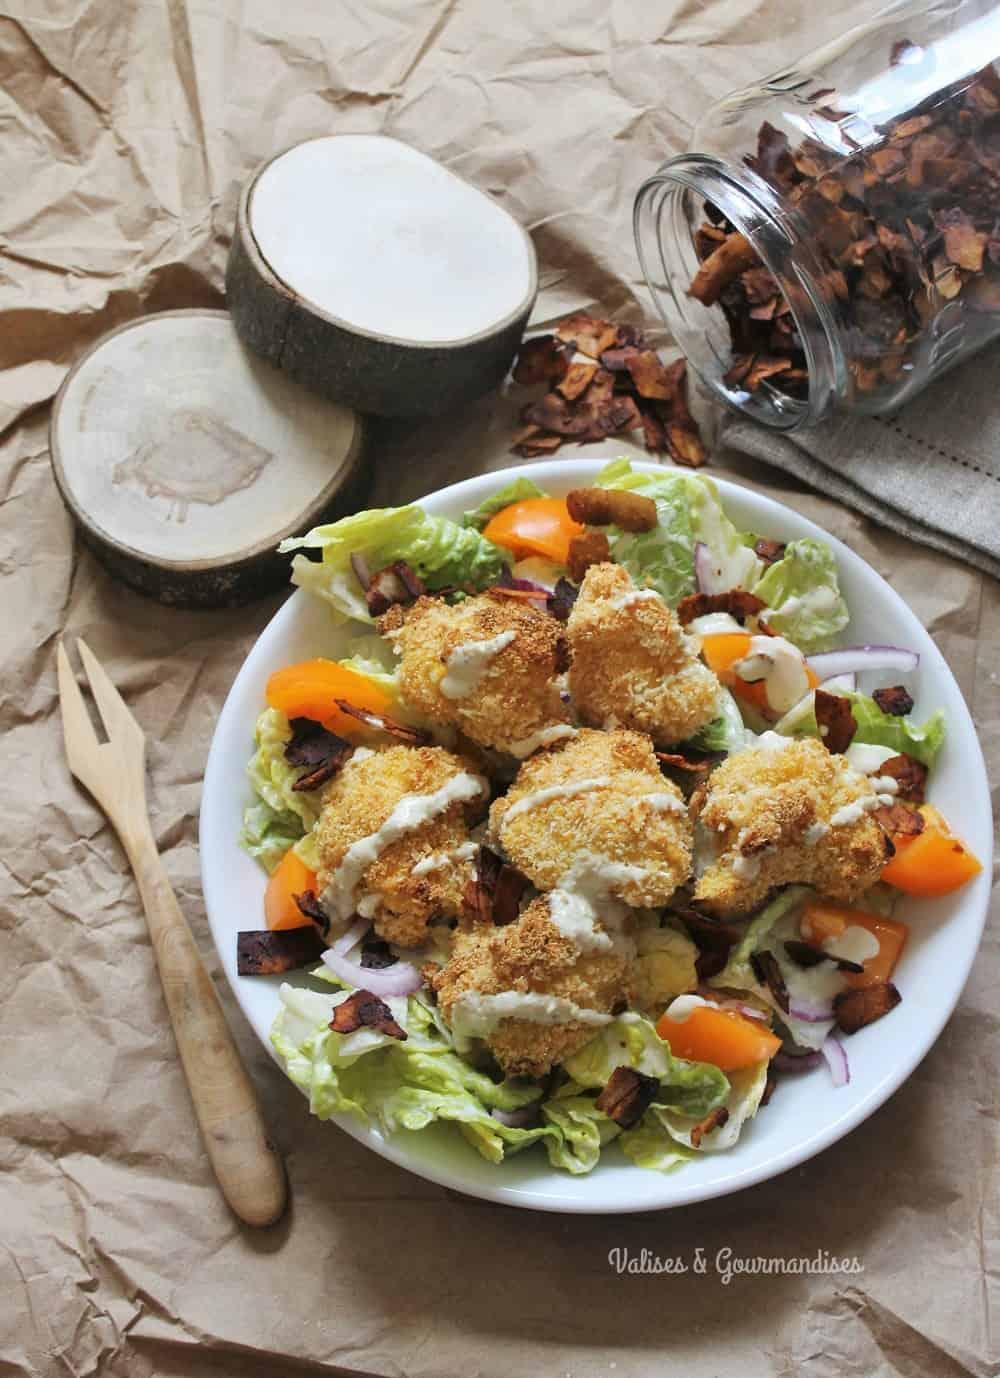 salade césar végétalienne au chou-fleur pané - Valises & Gourmandises